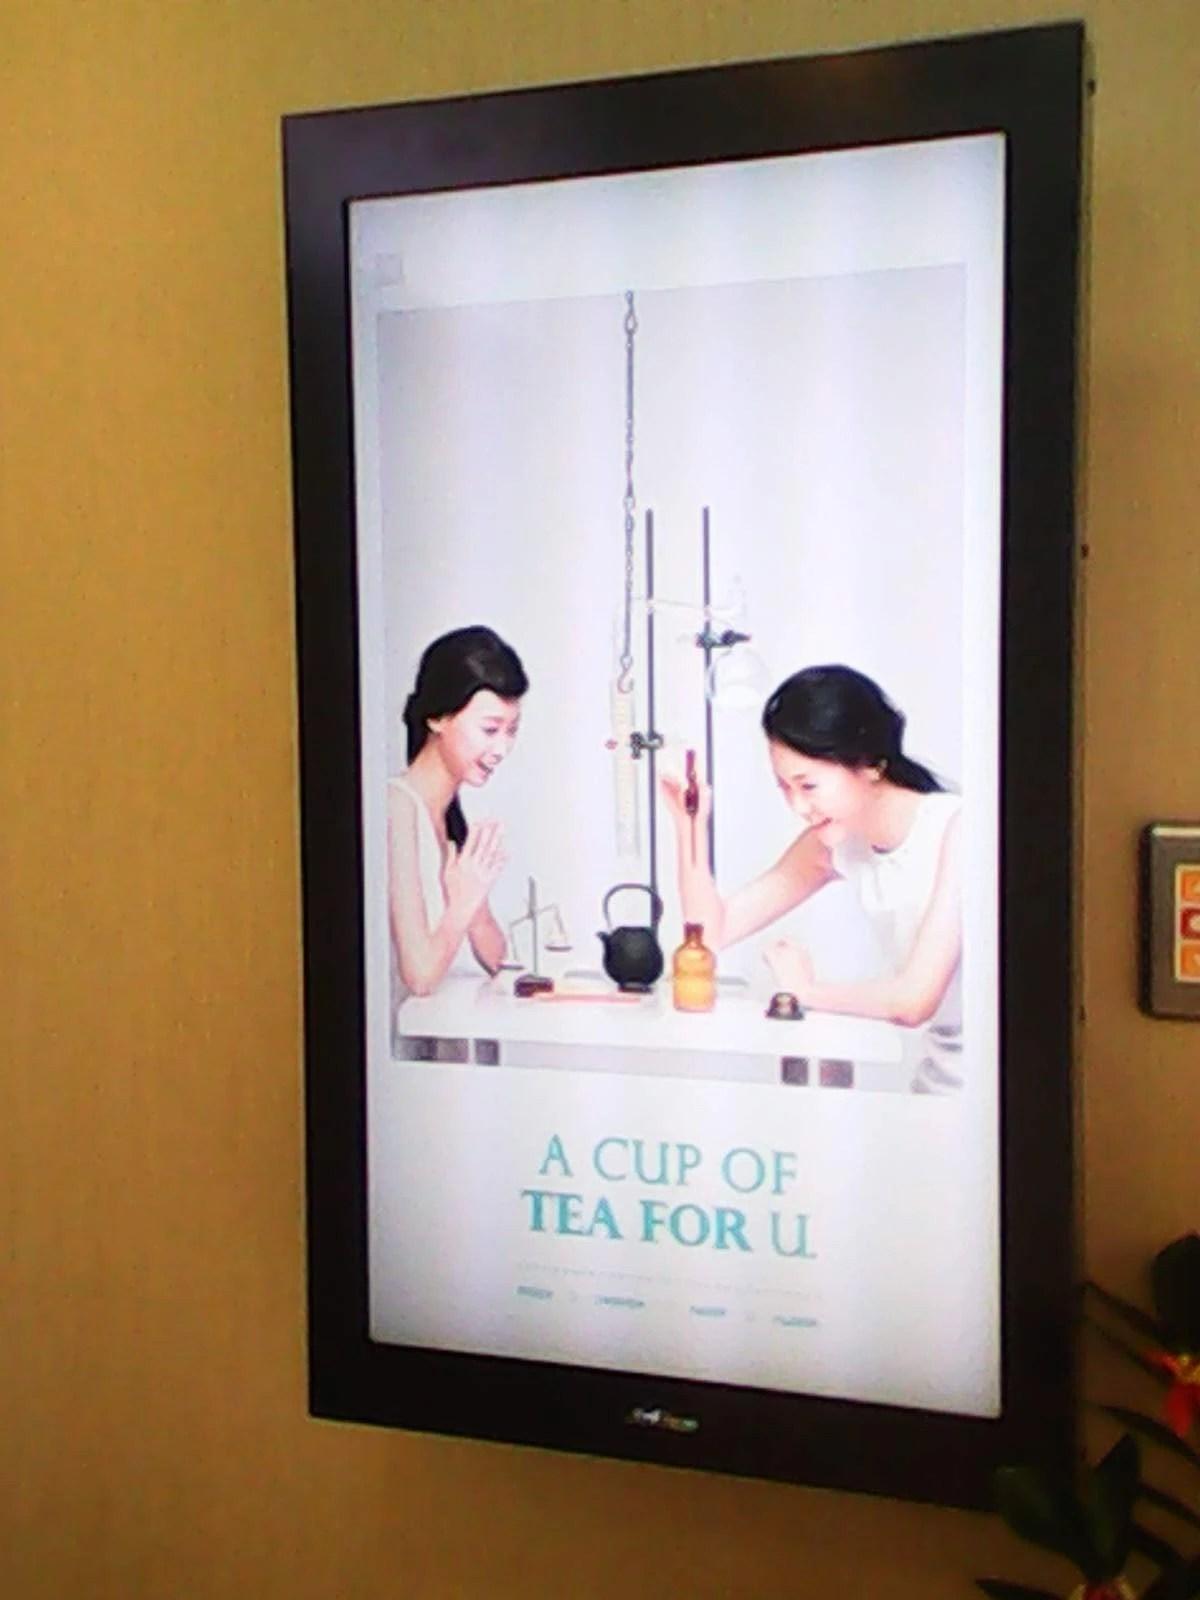 LED LCD 移動式廣告機 / 桃園市桃園區-亞奇諾 / 臺灣黃頁詢價平臺